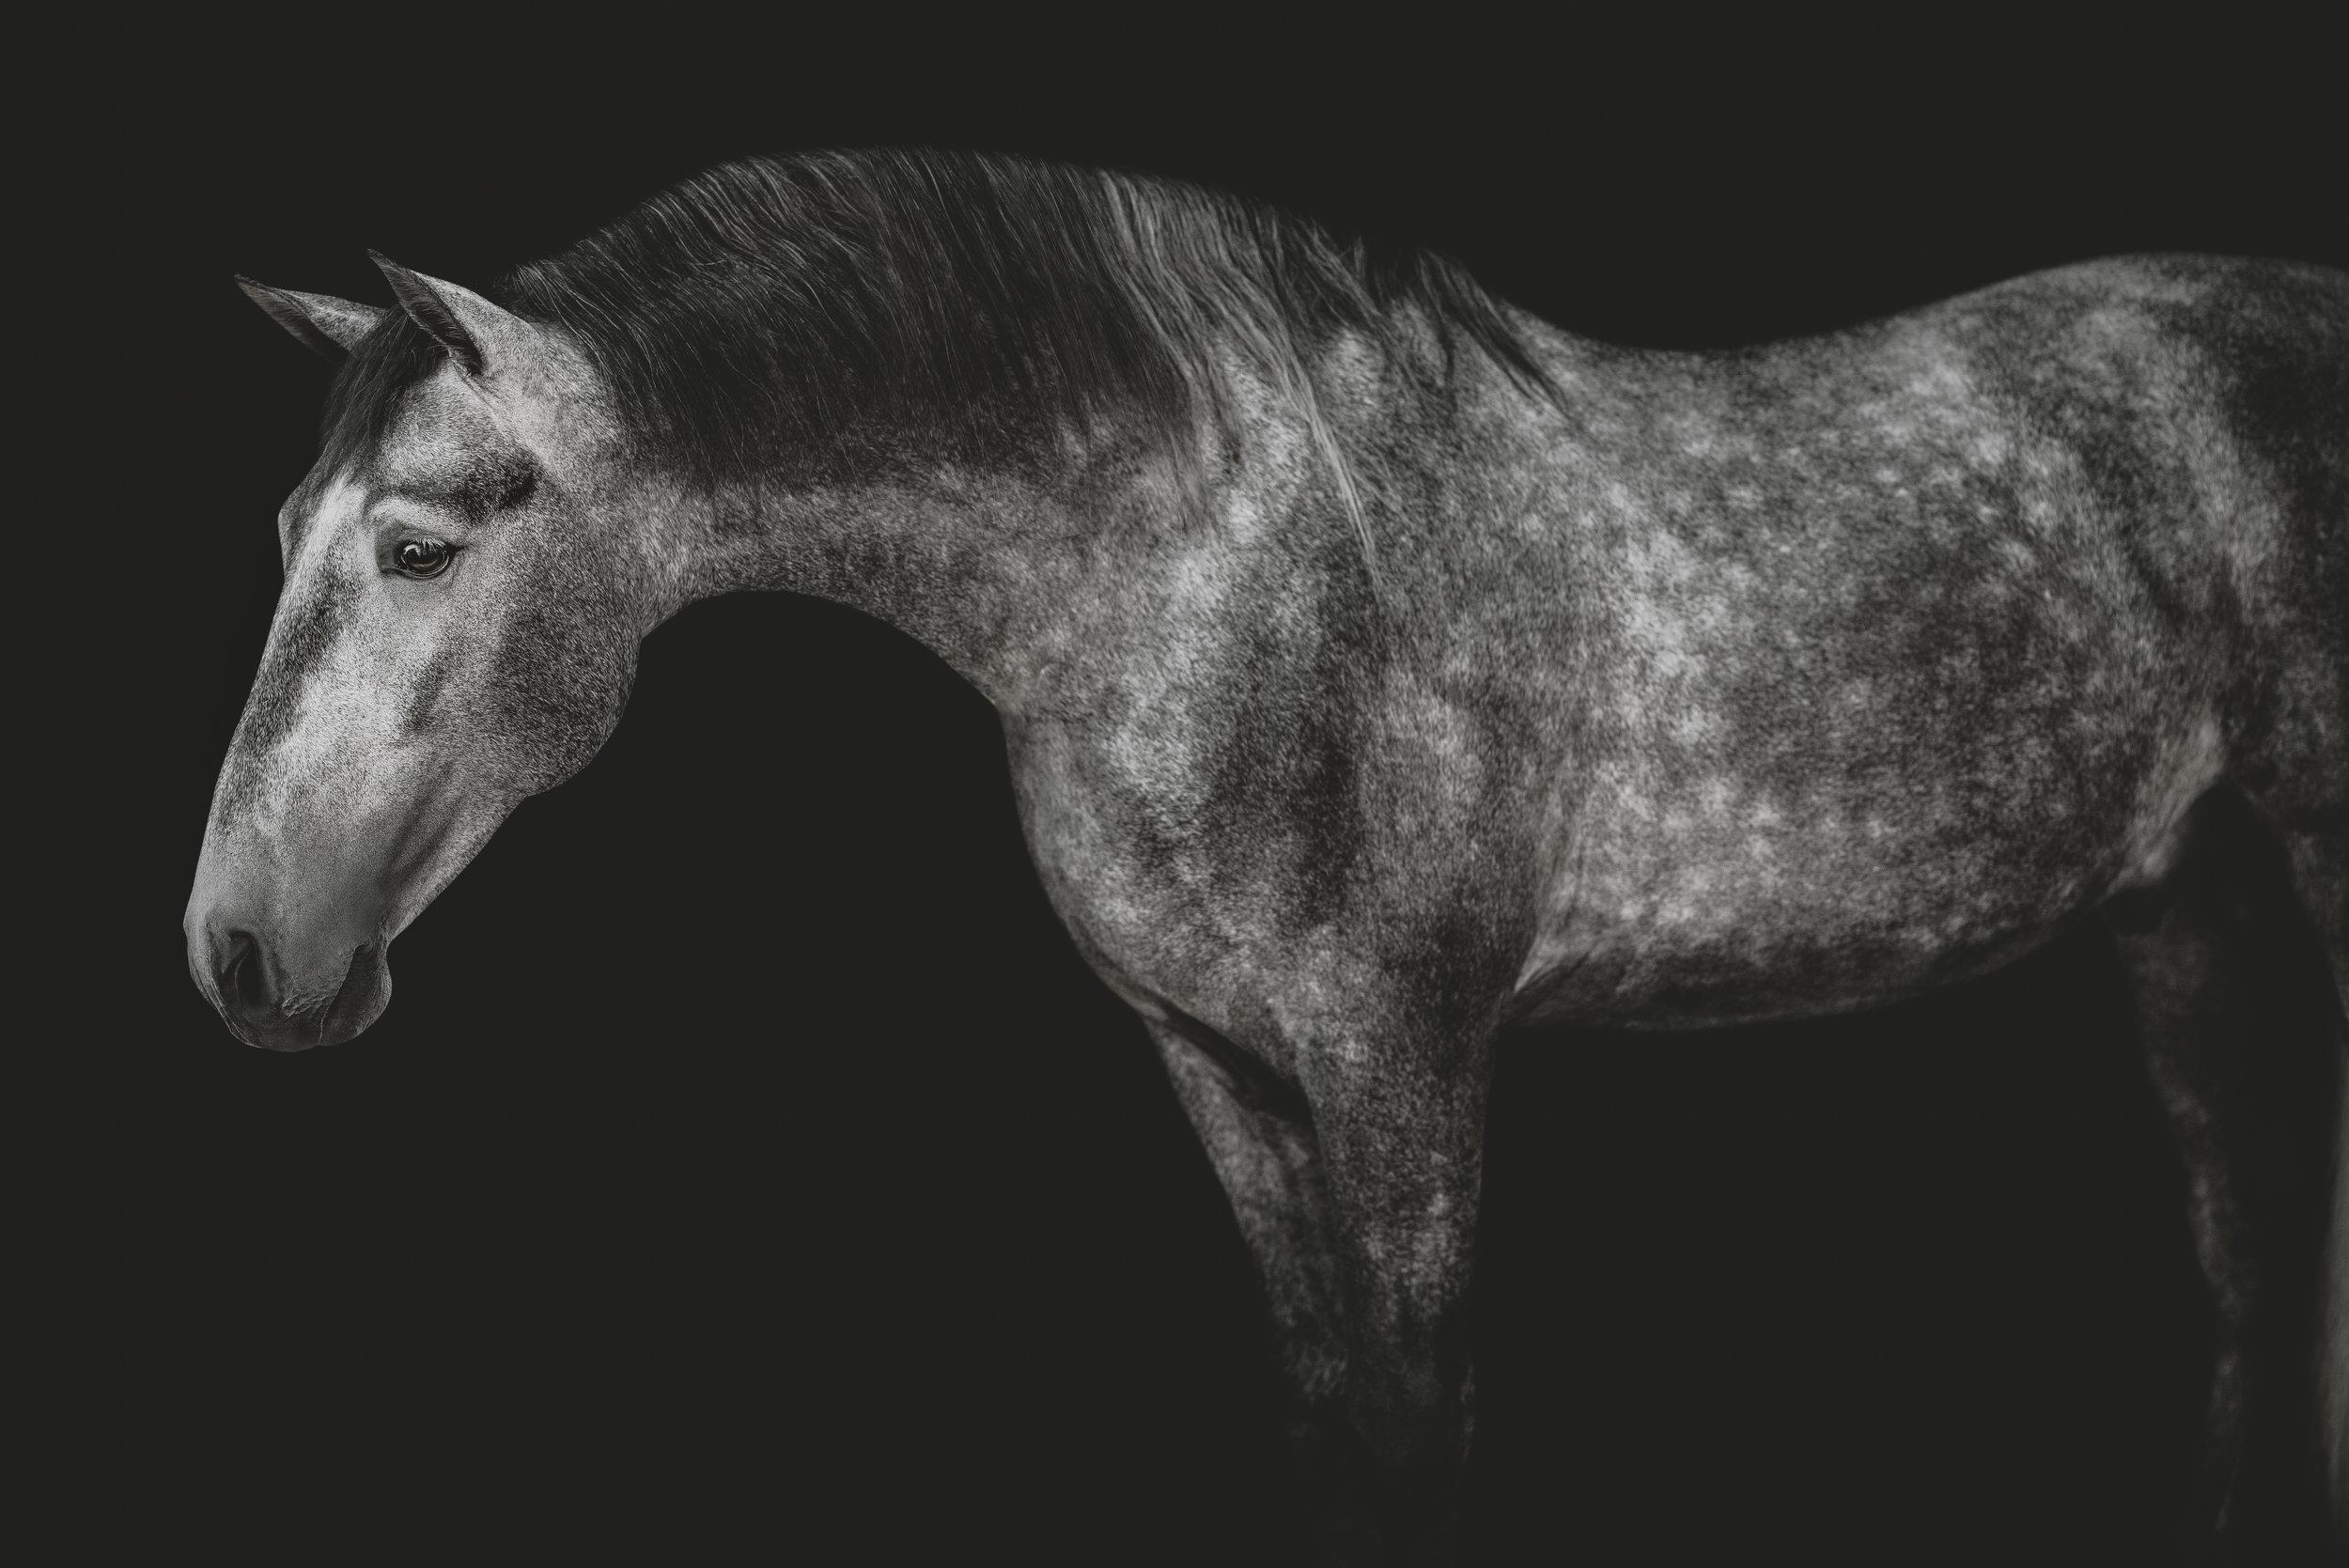 medevialtimes_horseportraits_edited-34.jpg